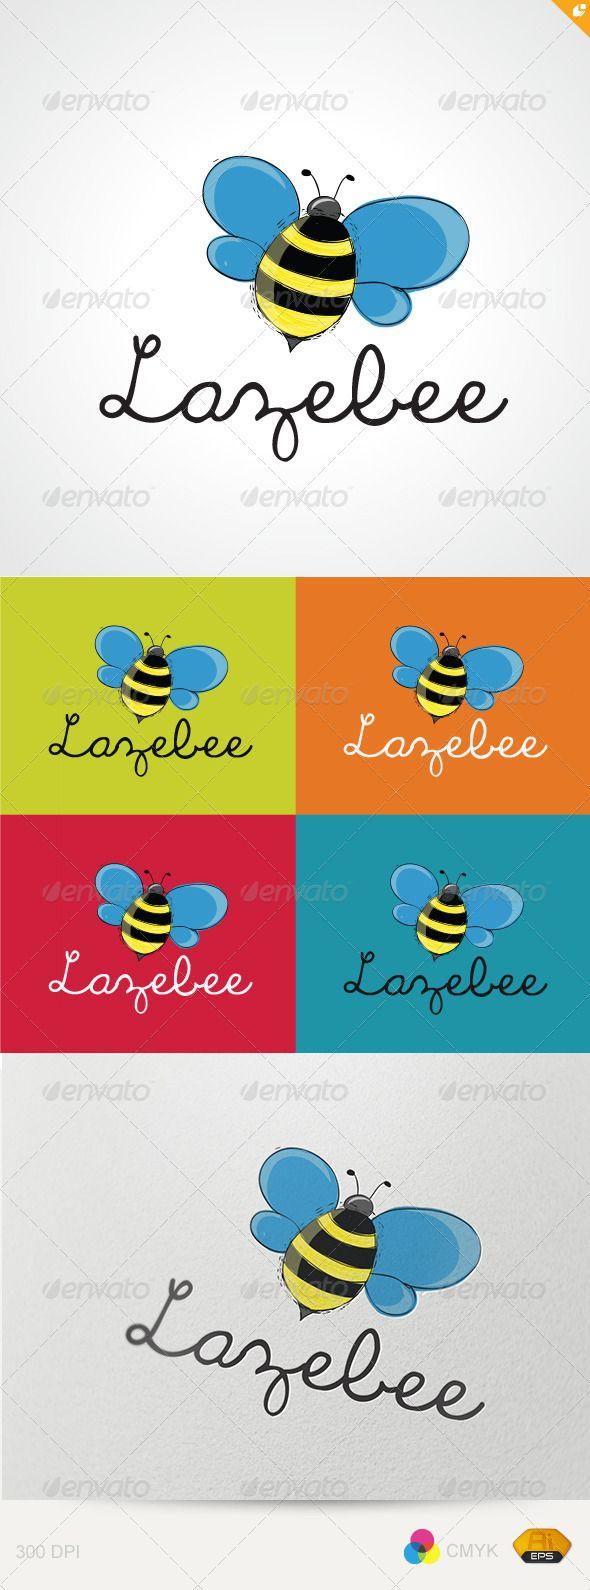 Mejores 45 imágenes de Logo Templates en Pinterest   Plantillas de ...